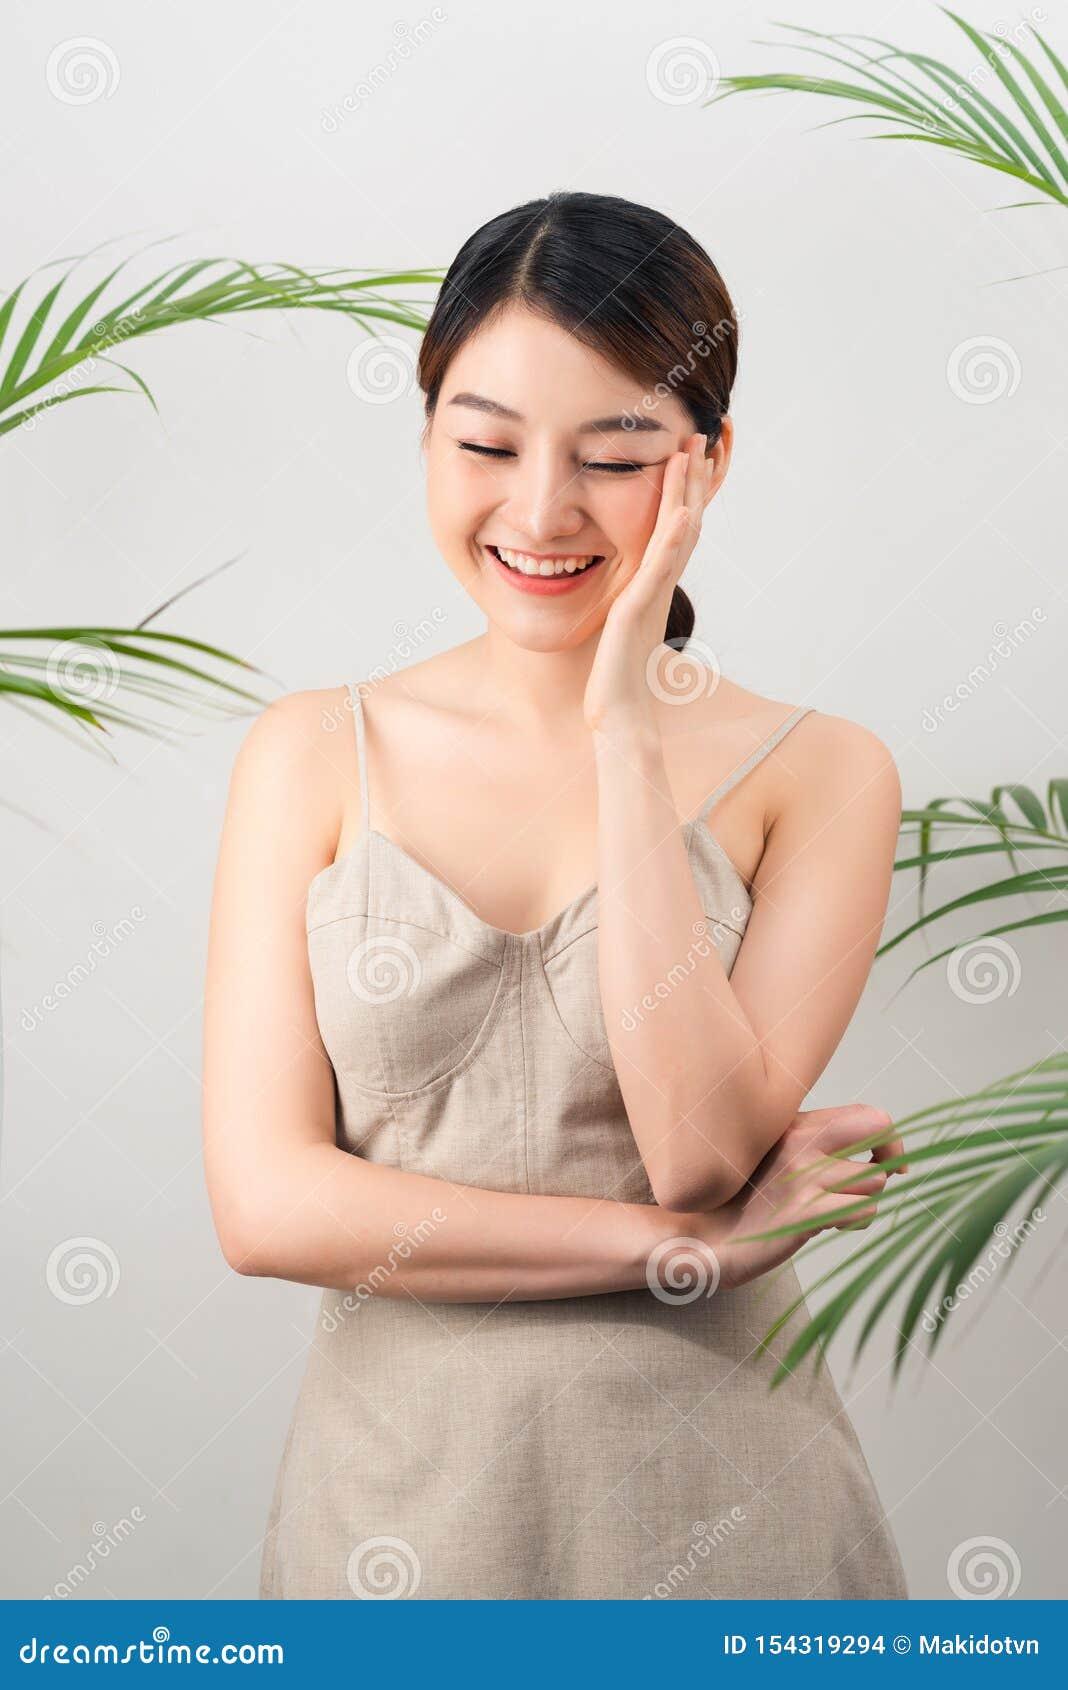 Portret van Aziatische gelukkige vrouw status met groene bladeren rond haar op witte achtergrond